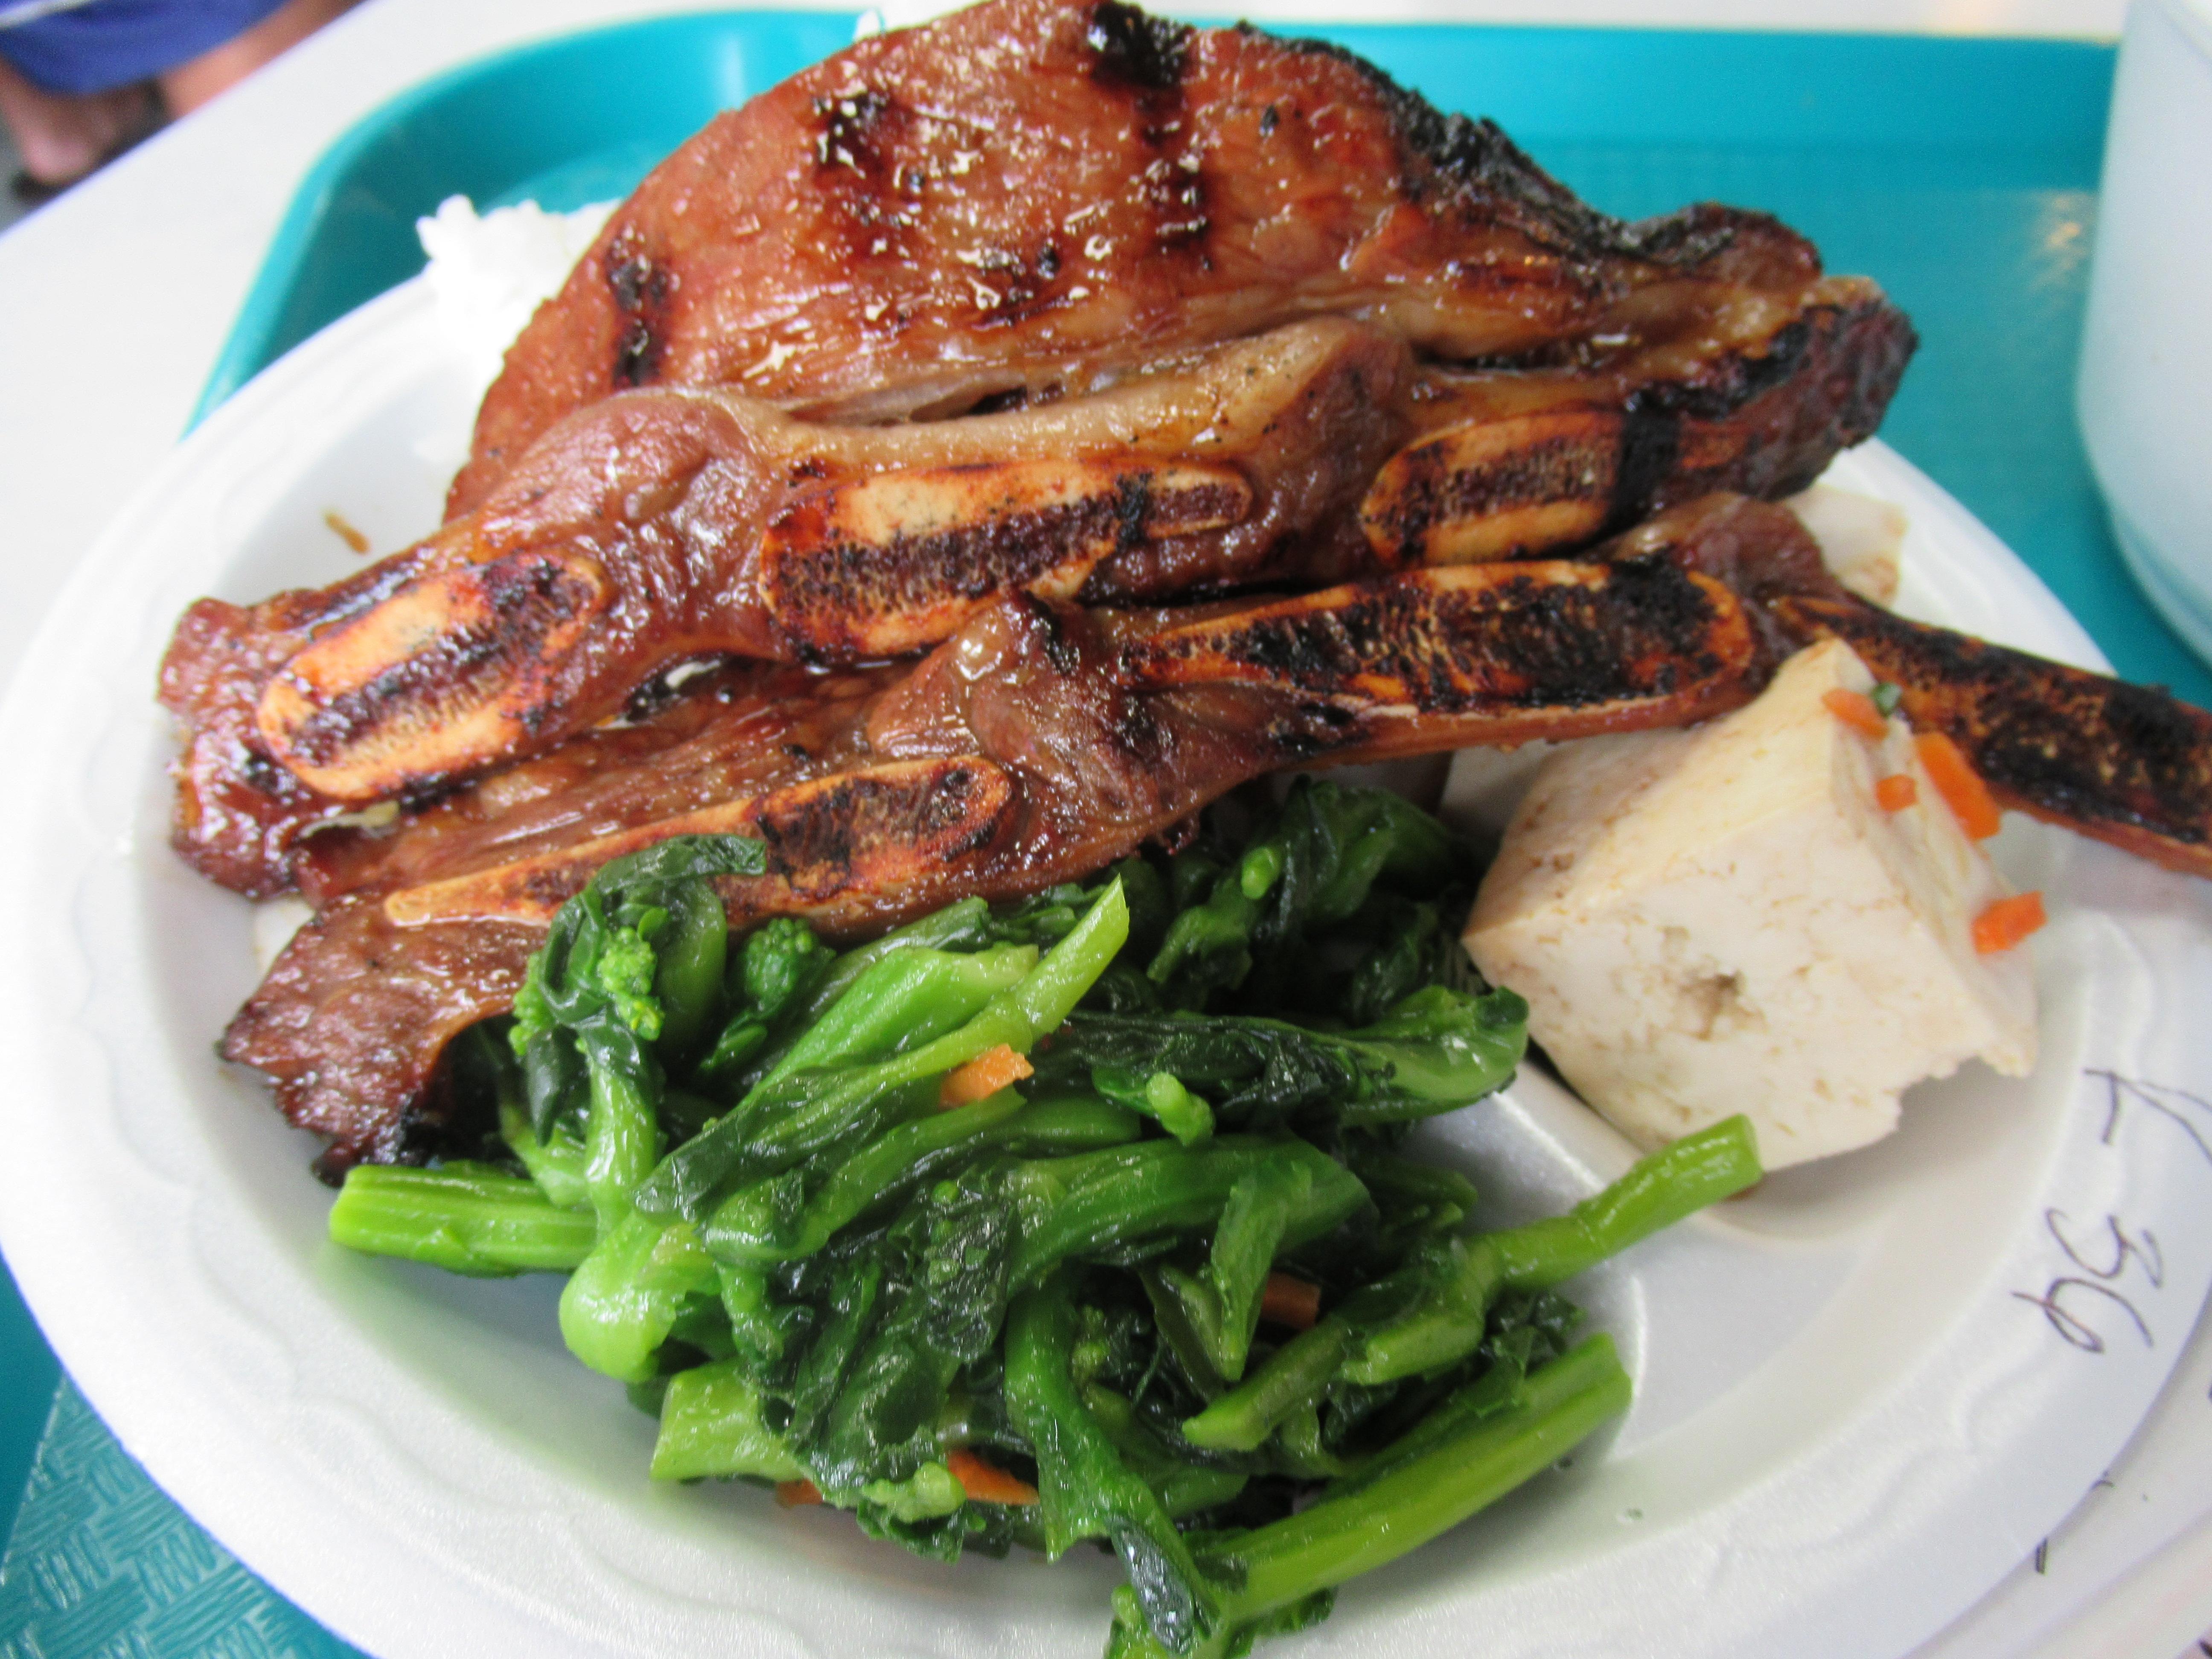 ワイケレでの食事にオススメ☆Y.KELE KOREAN BBQのメニューの詳細|子連れハワイブログ